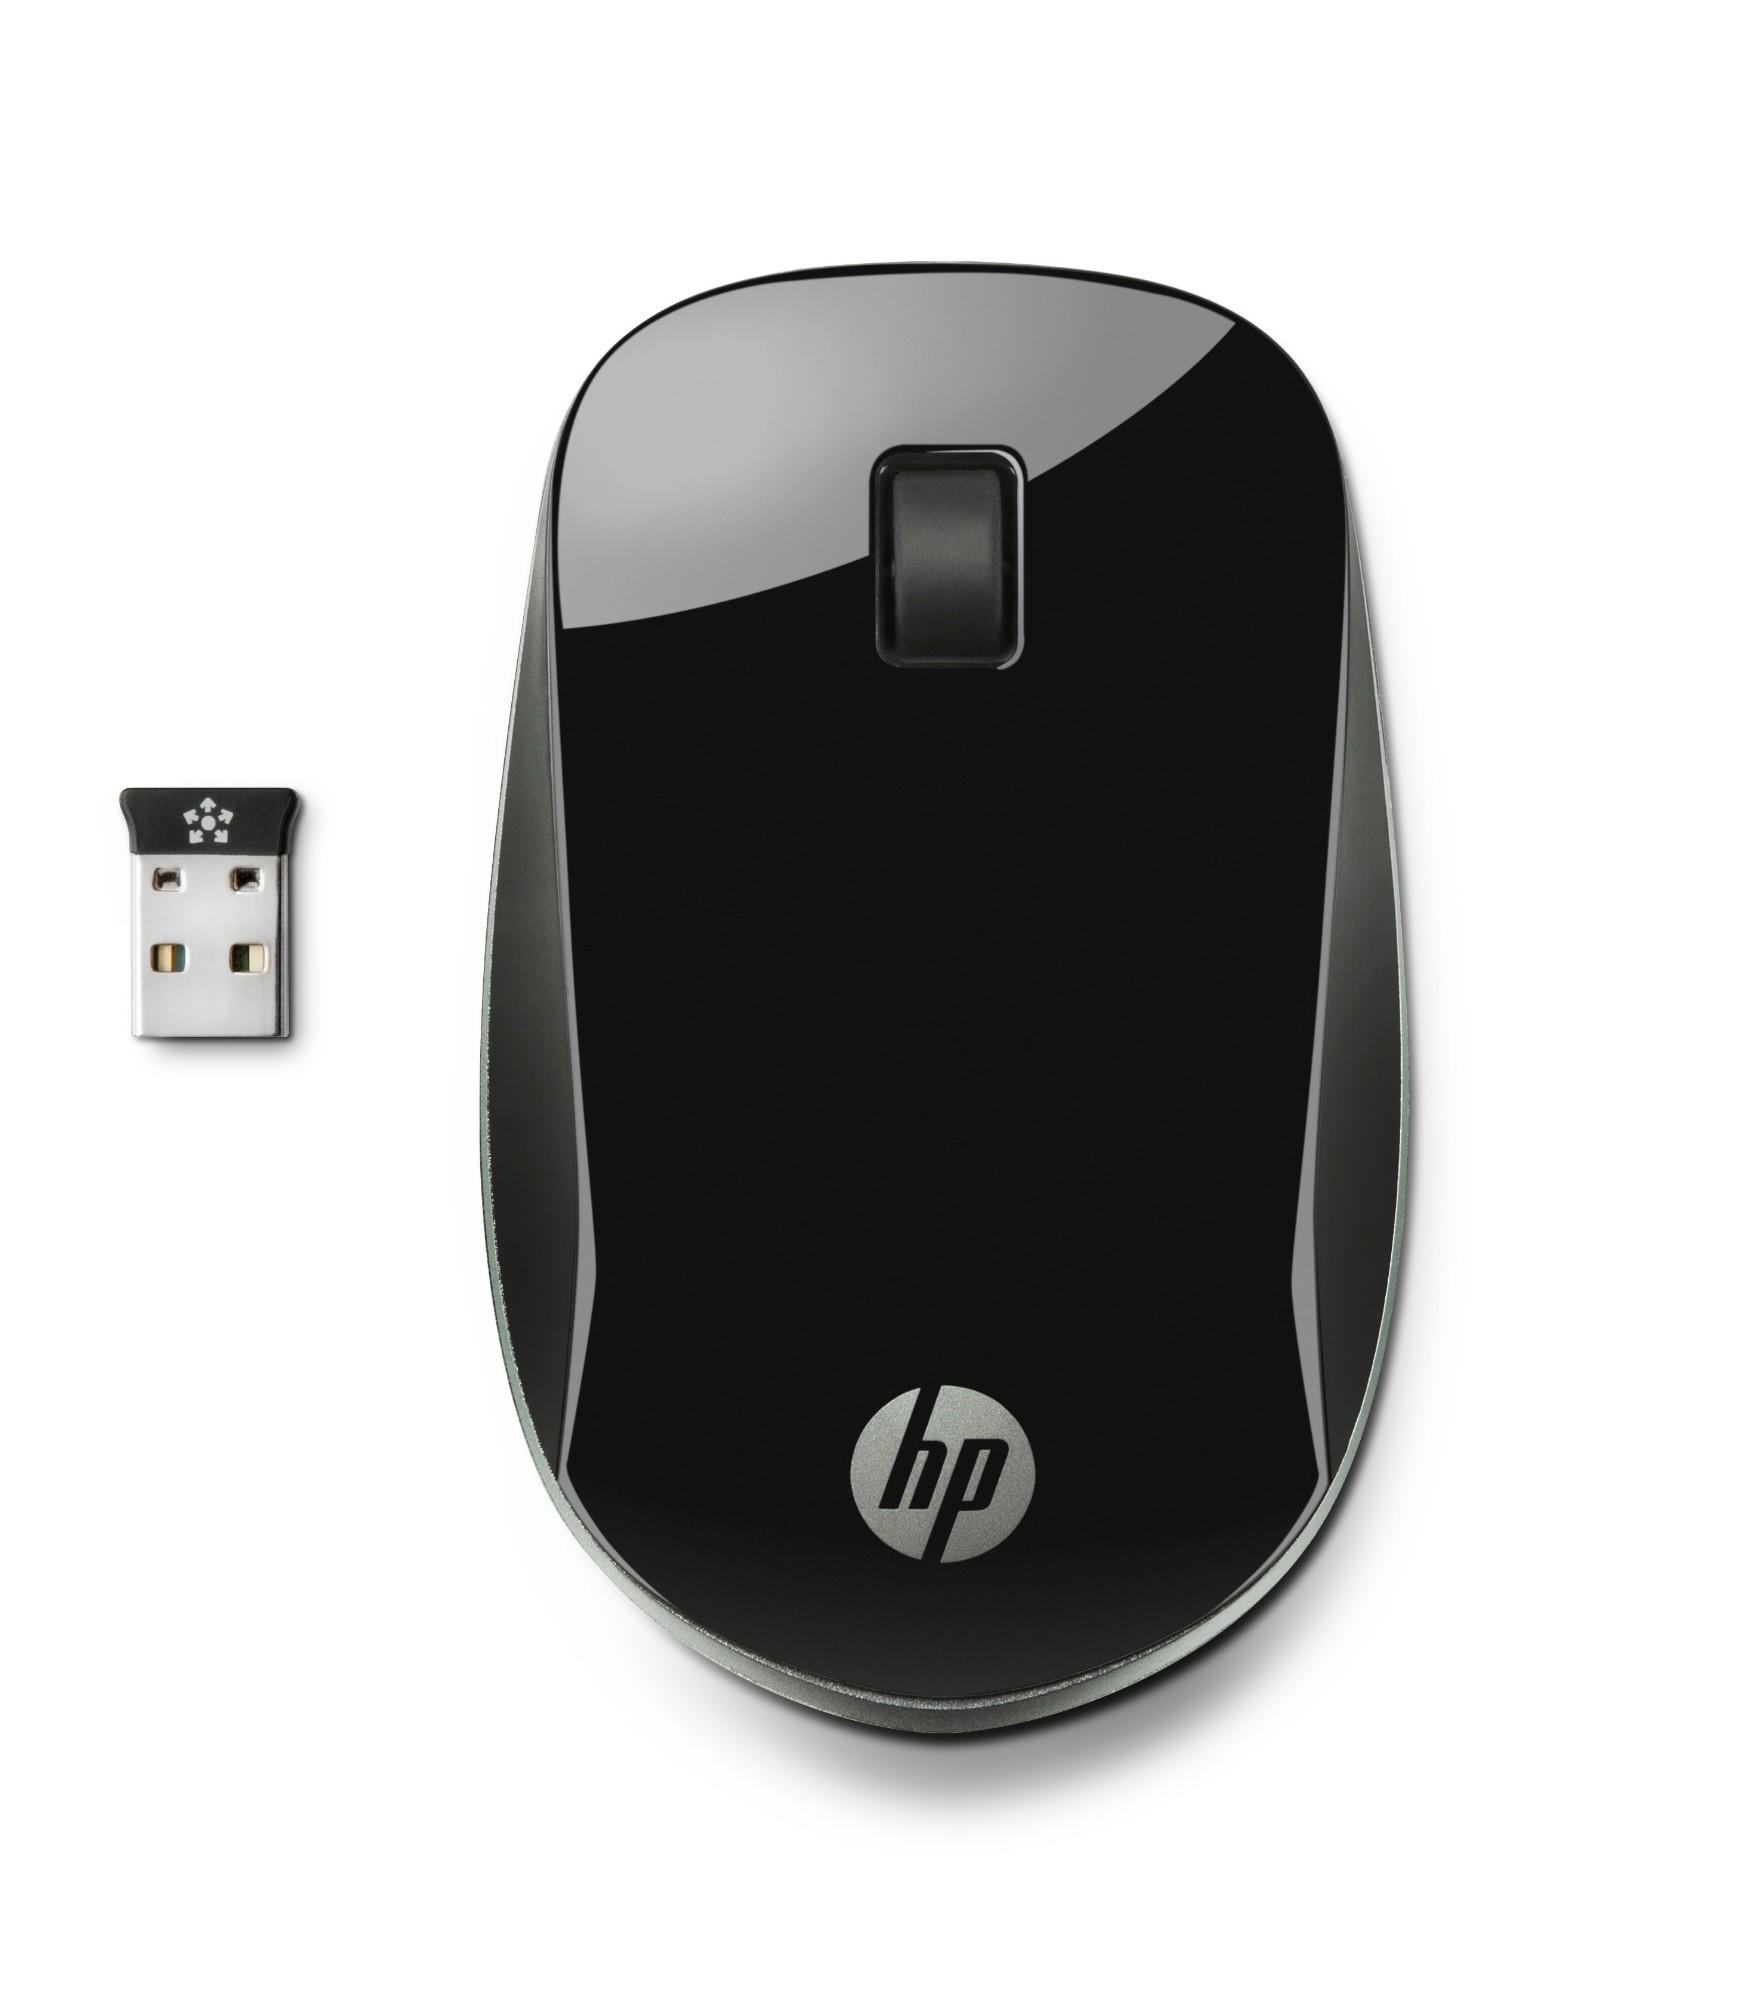 HP Z4000 muis RF Draadloos Optisch Ambidextrous